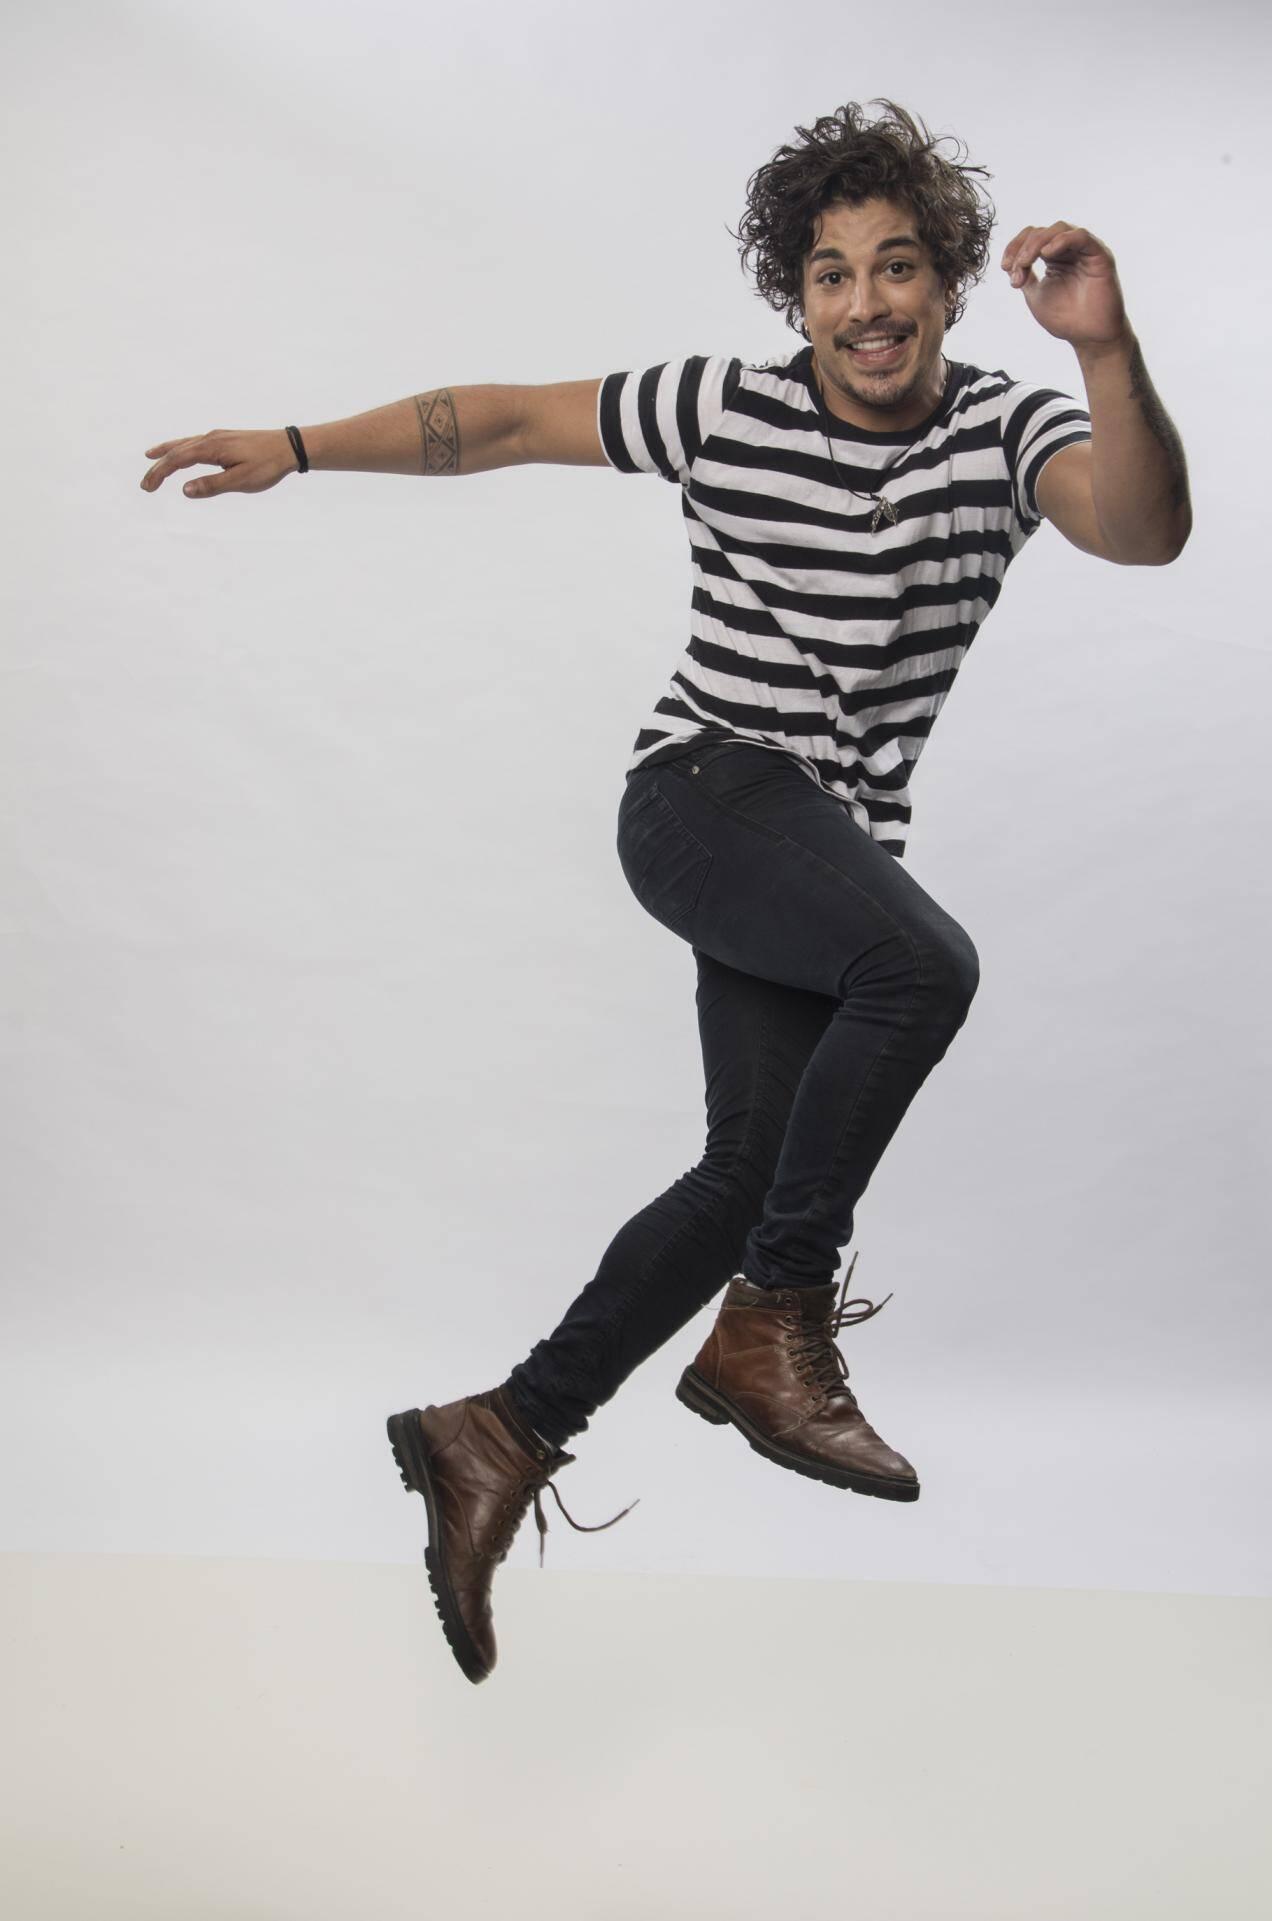 Douglas Sampaio,  ator e cantor, 24 anos. Foto: Divulgação